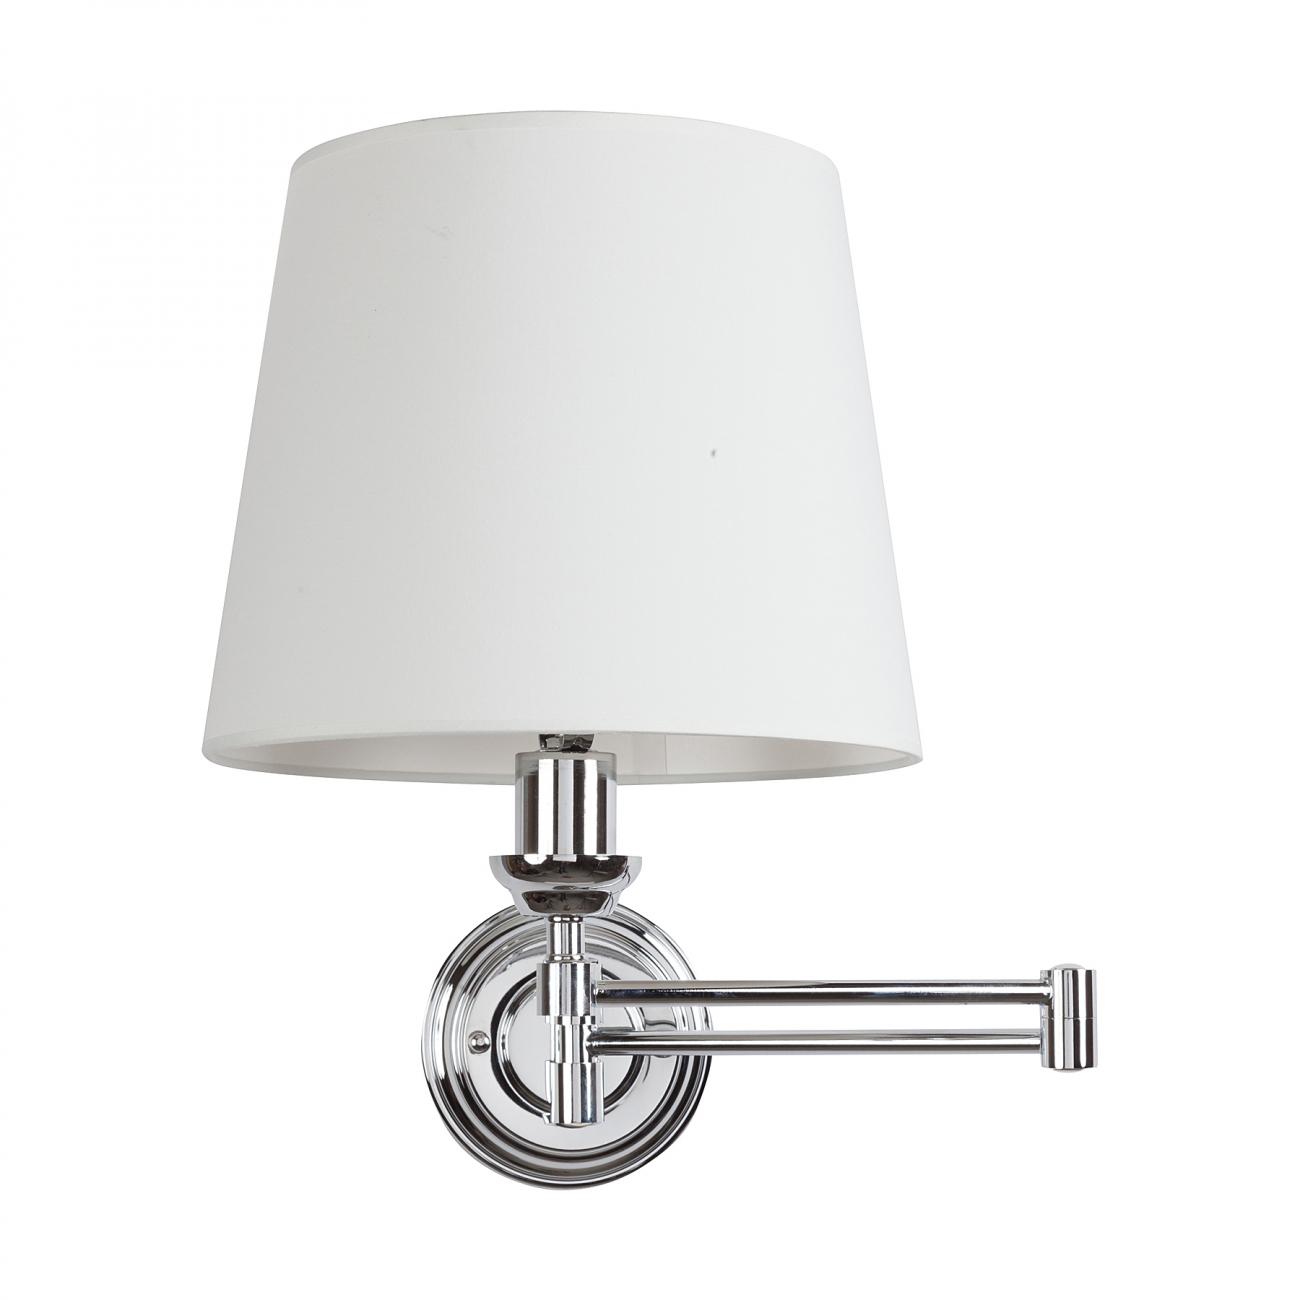 Купить Бра Westbrook Light Swingarm в интернет магазине дизайнерской мебели и аксессуаров для дома и дачи